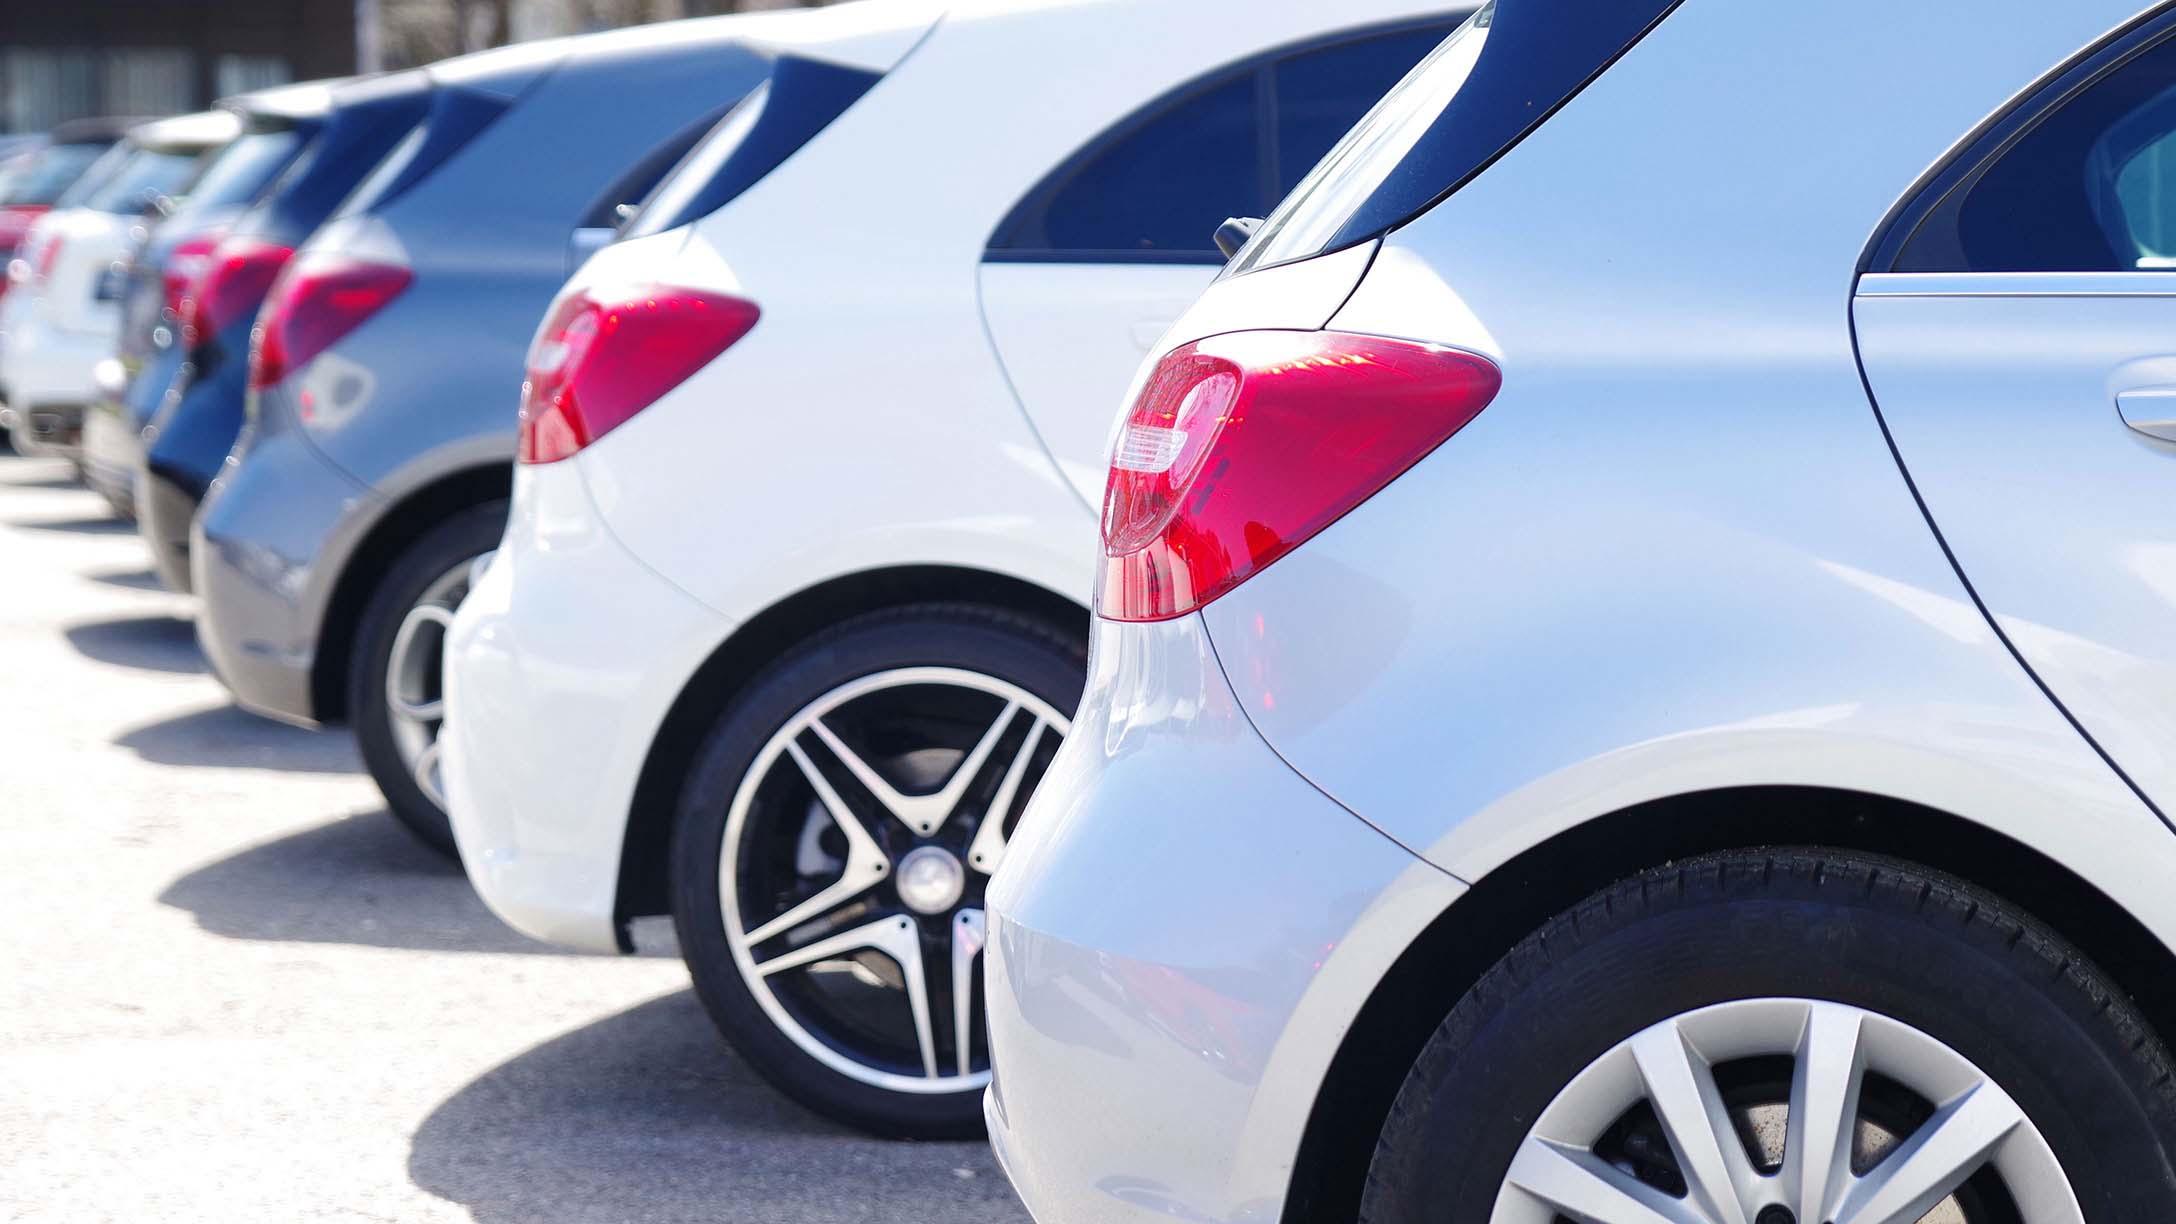 Auto in leasing parcheggiate